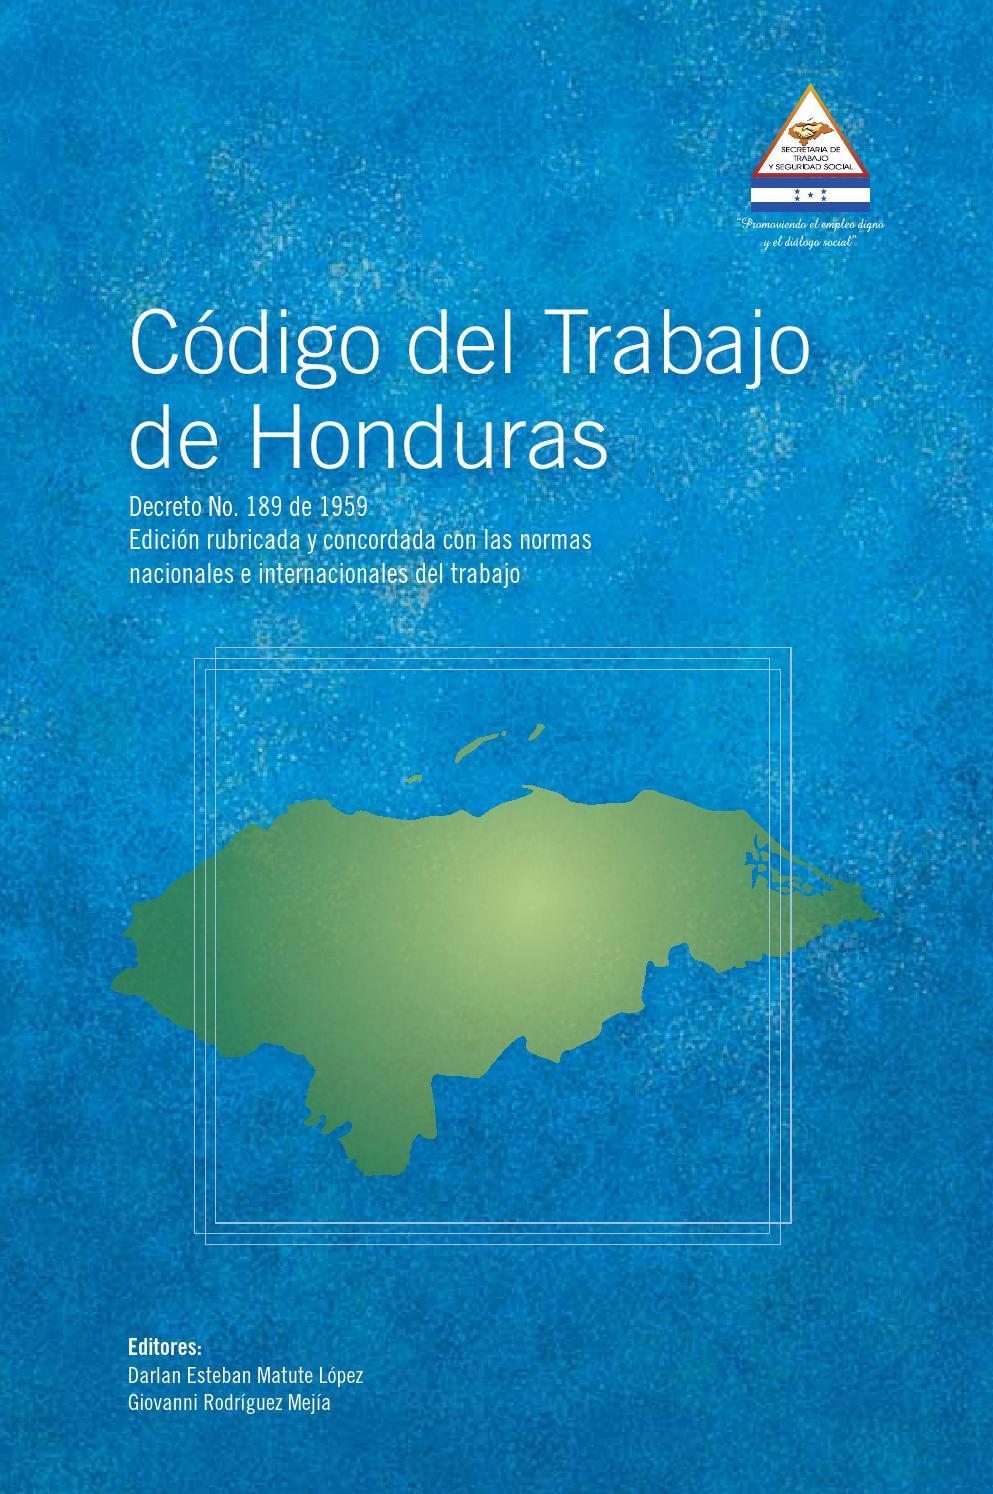 Codigo trabajo honduras by rzapata2014 issuu for Oficina de empleo por codigo postal